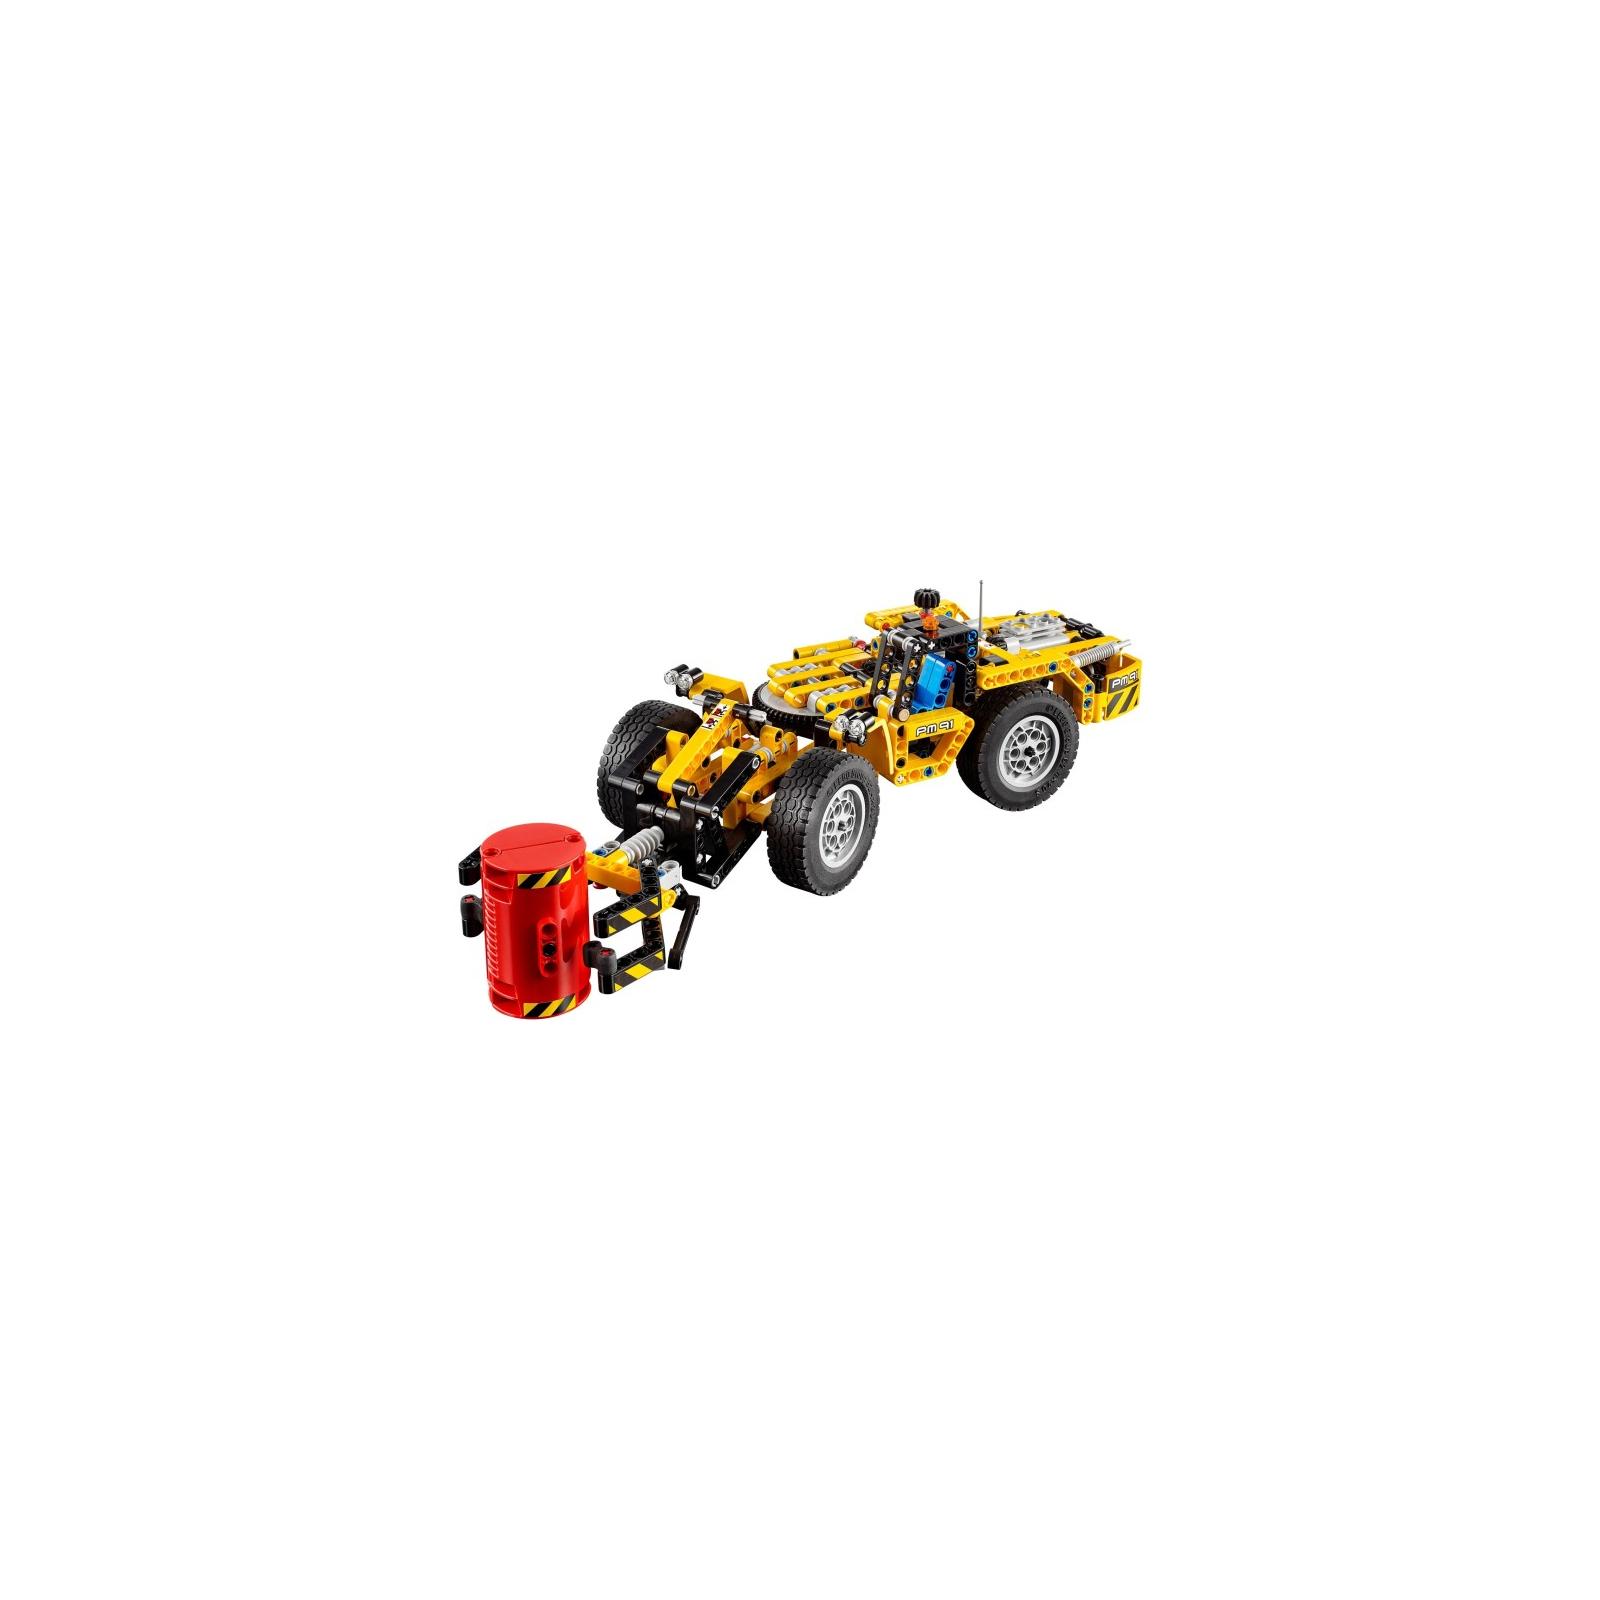 Конструктор LEGO Technic Карьерный погрузчик (42049) изображение 2